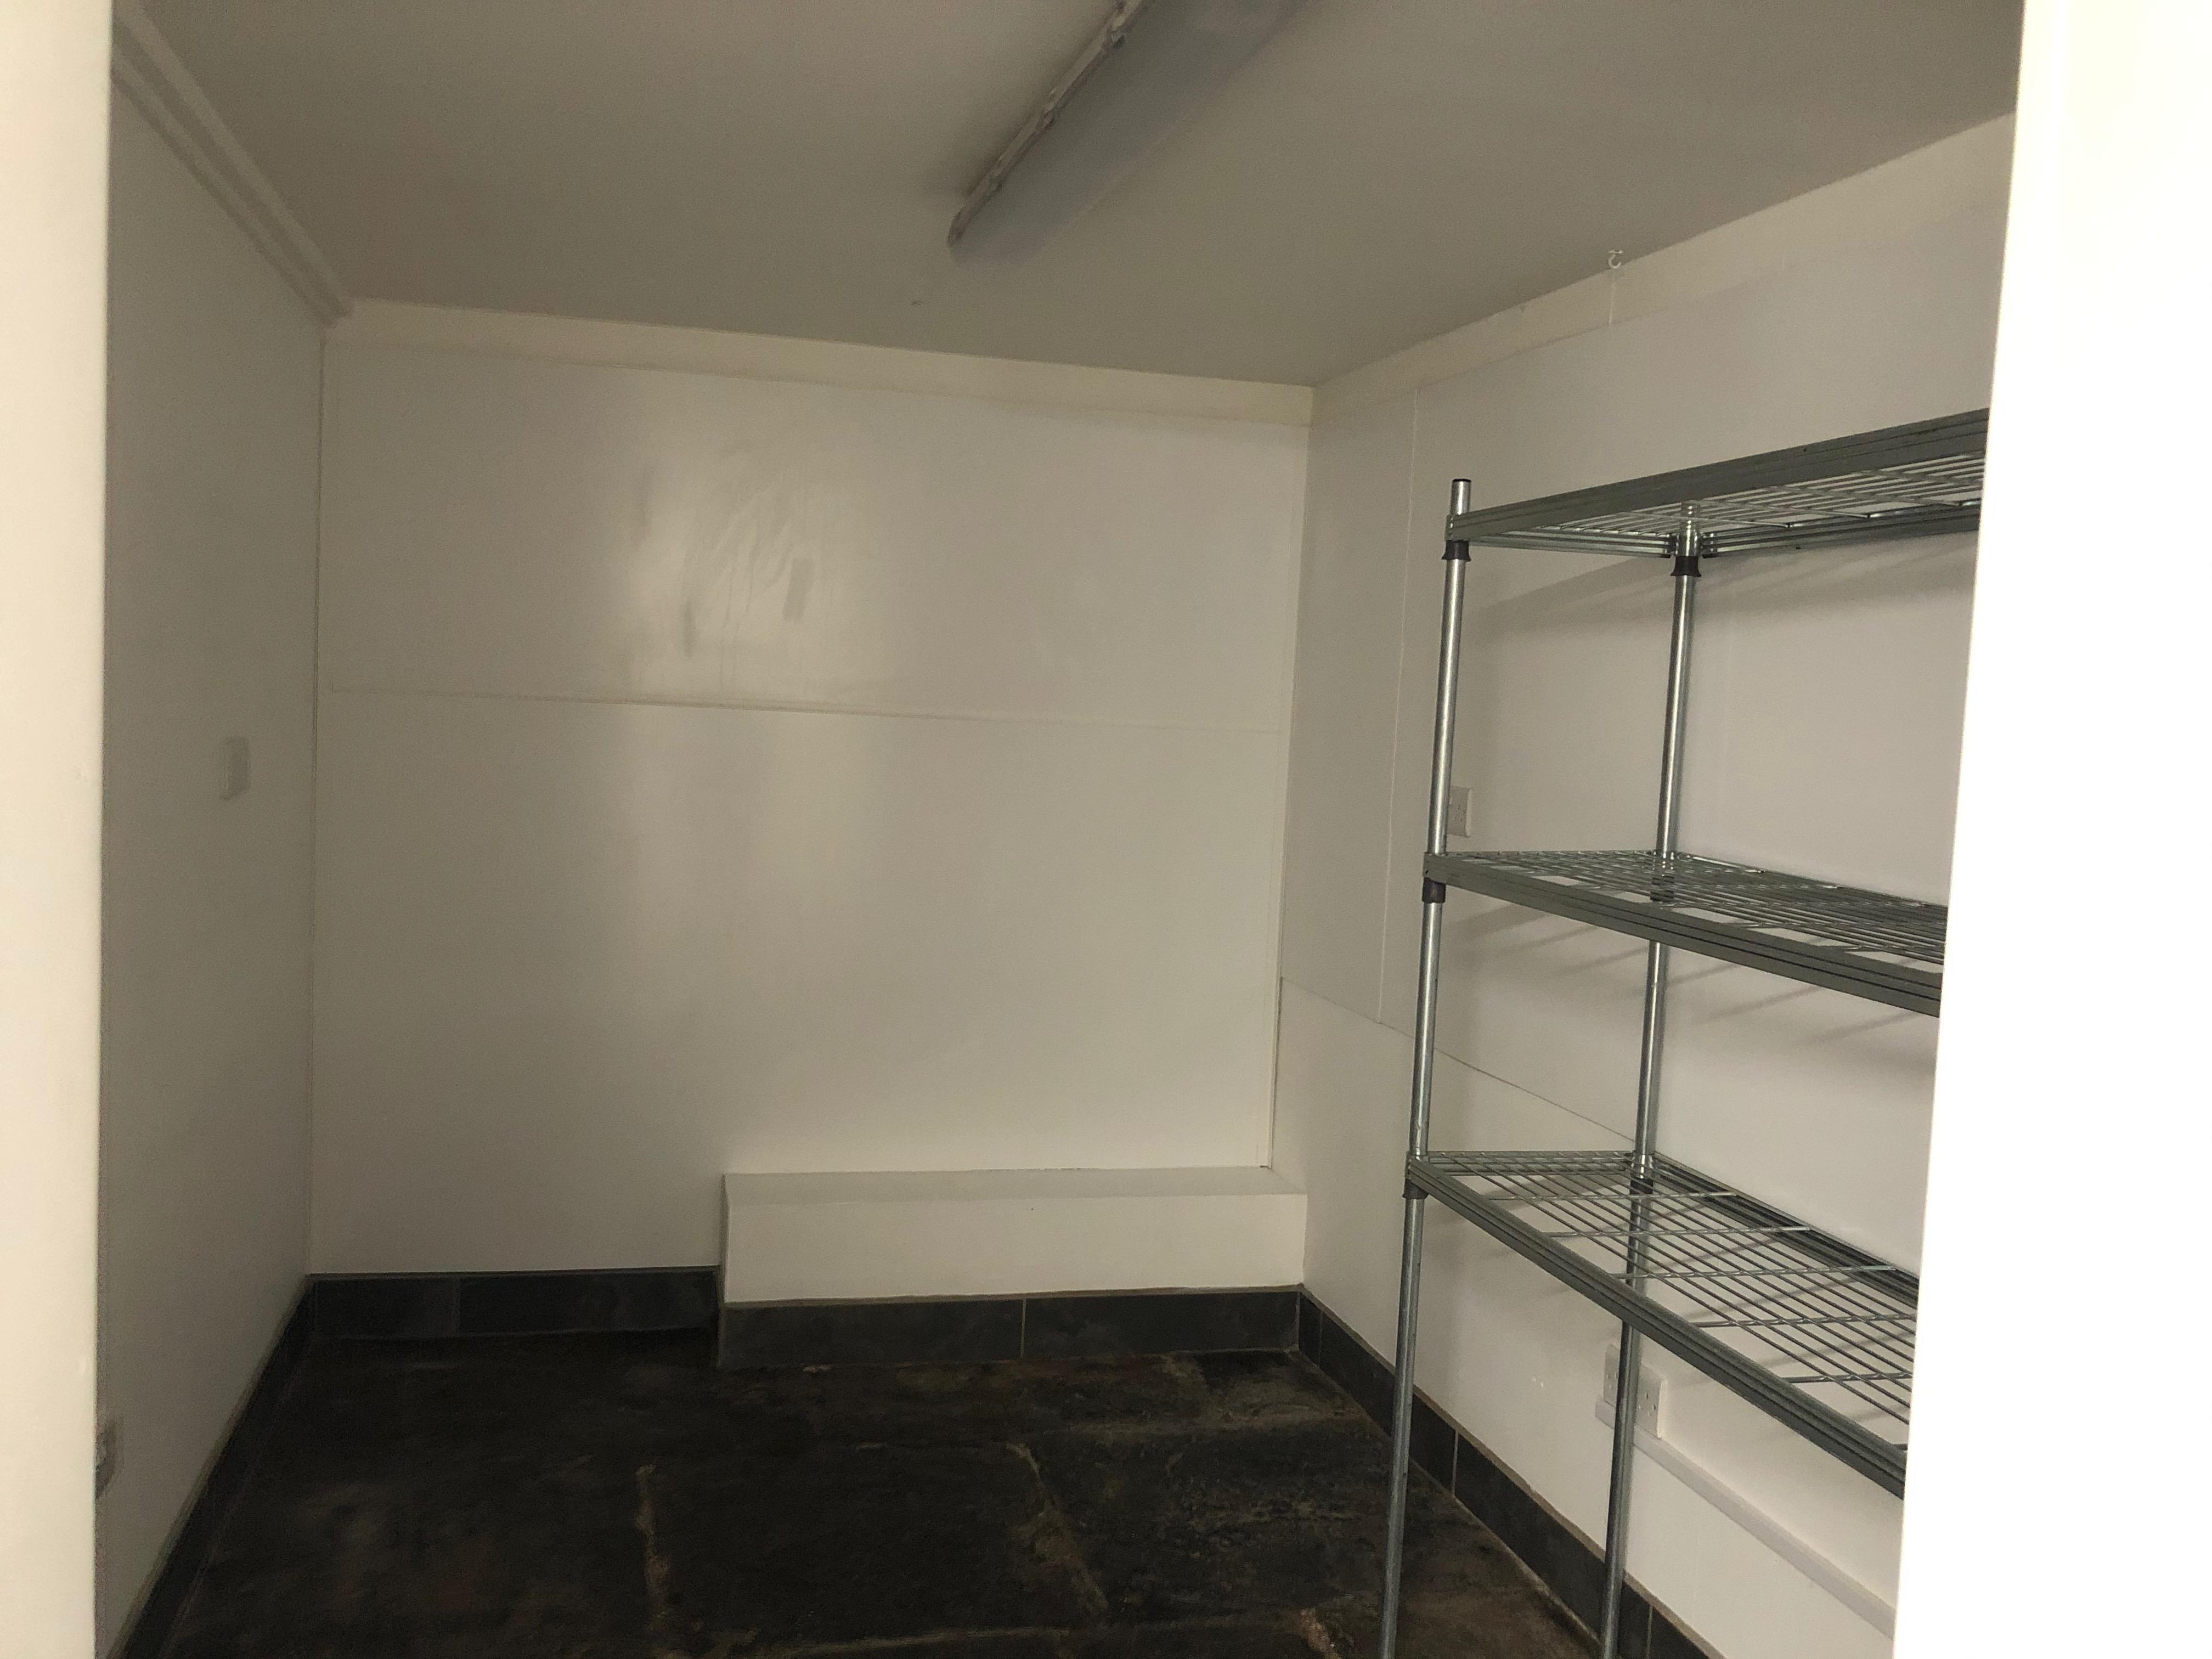 Basement Room B